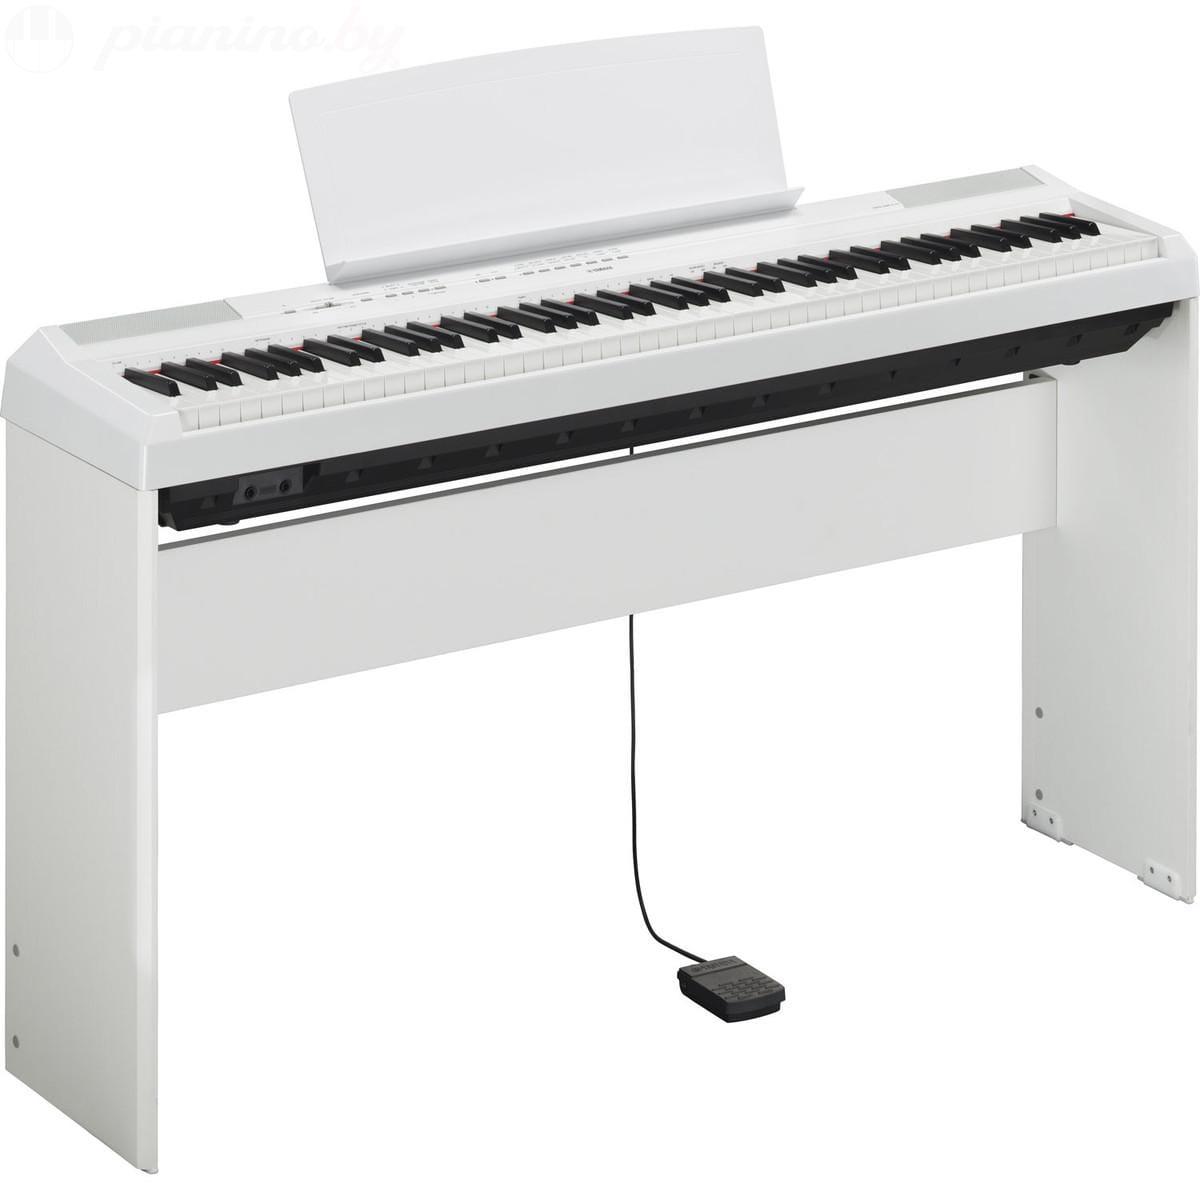 Сценическое пианино Yamaha P-115WH Фото 9